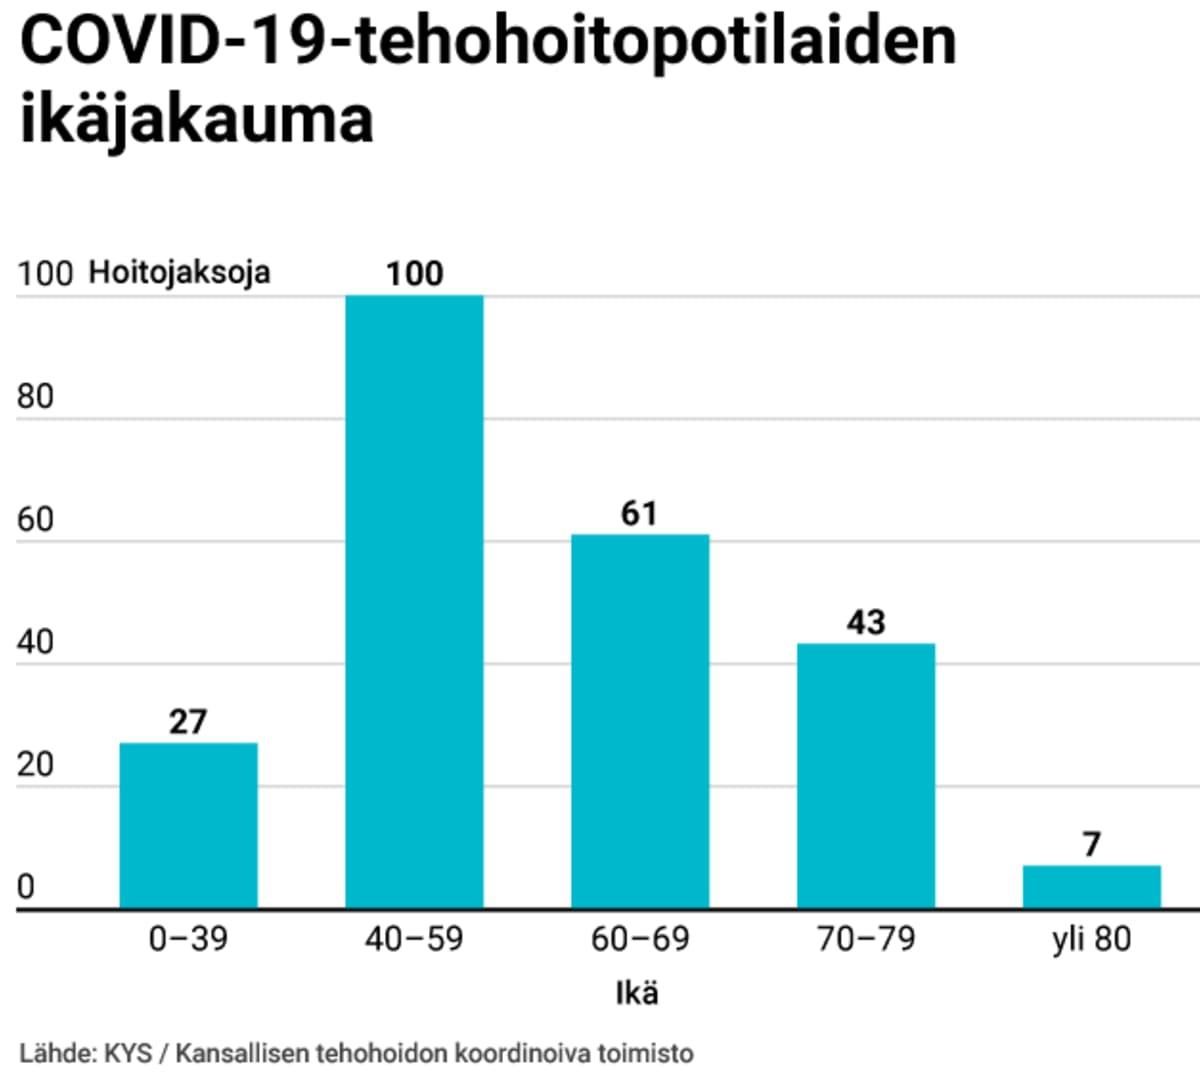 covid-19-tehohoitopotilaiden-ikajakauma